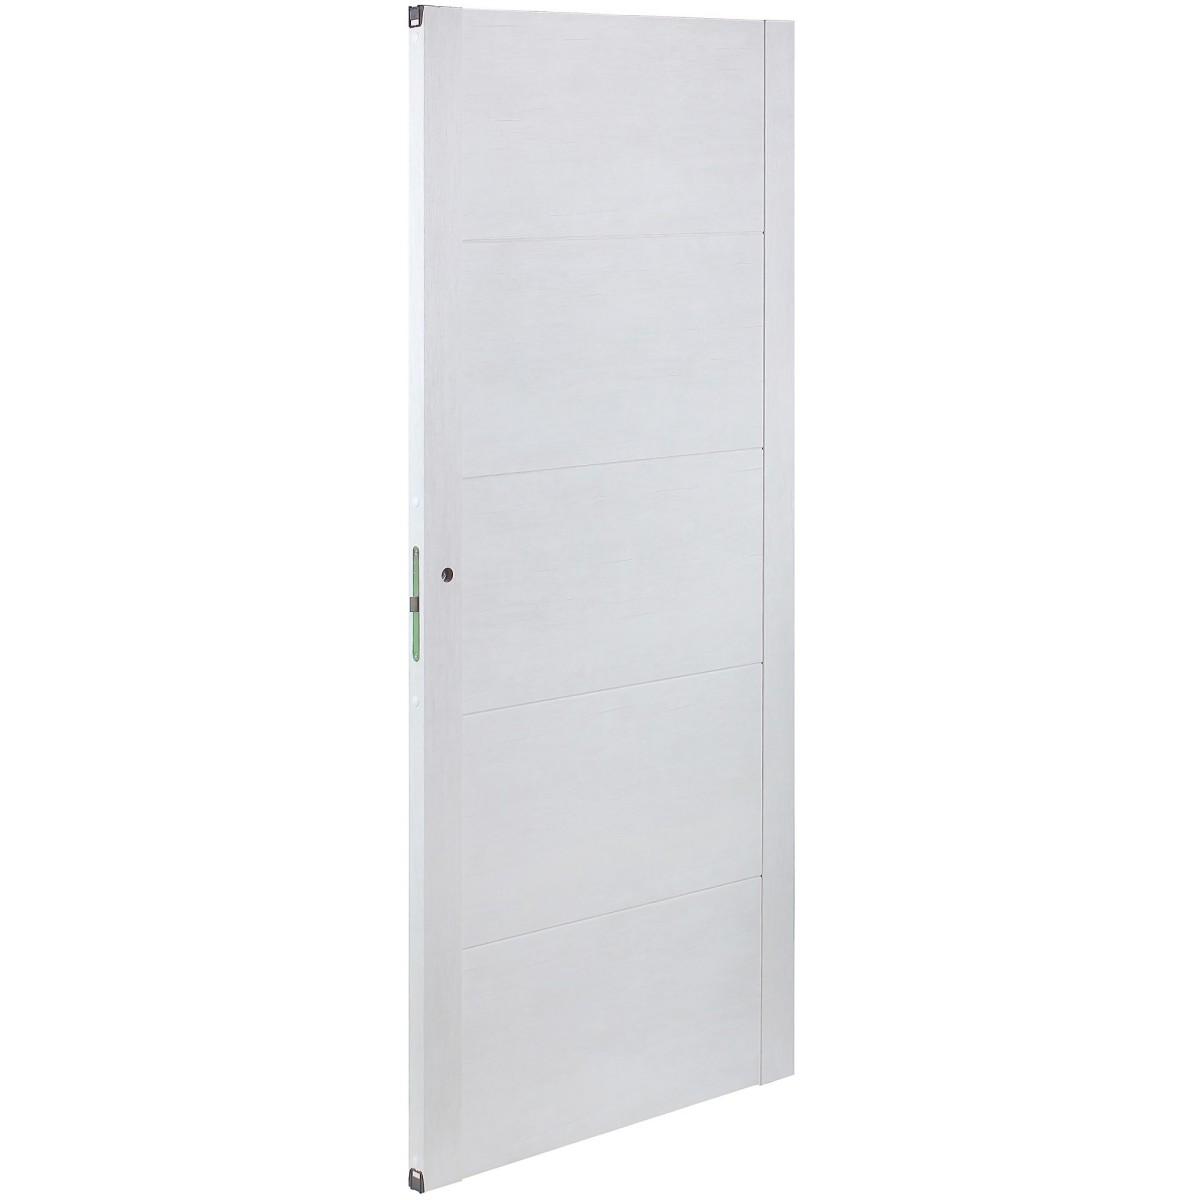 Дверь Межкомнатная Глухая Техно 90x200 Цвет Серый Дуб